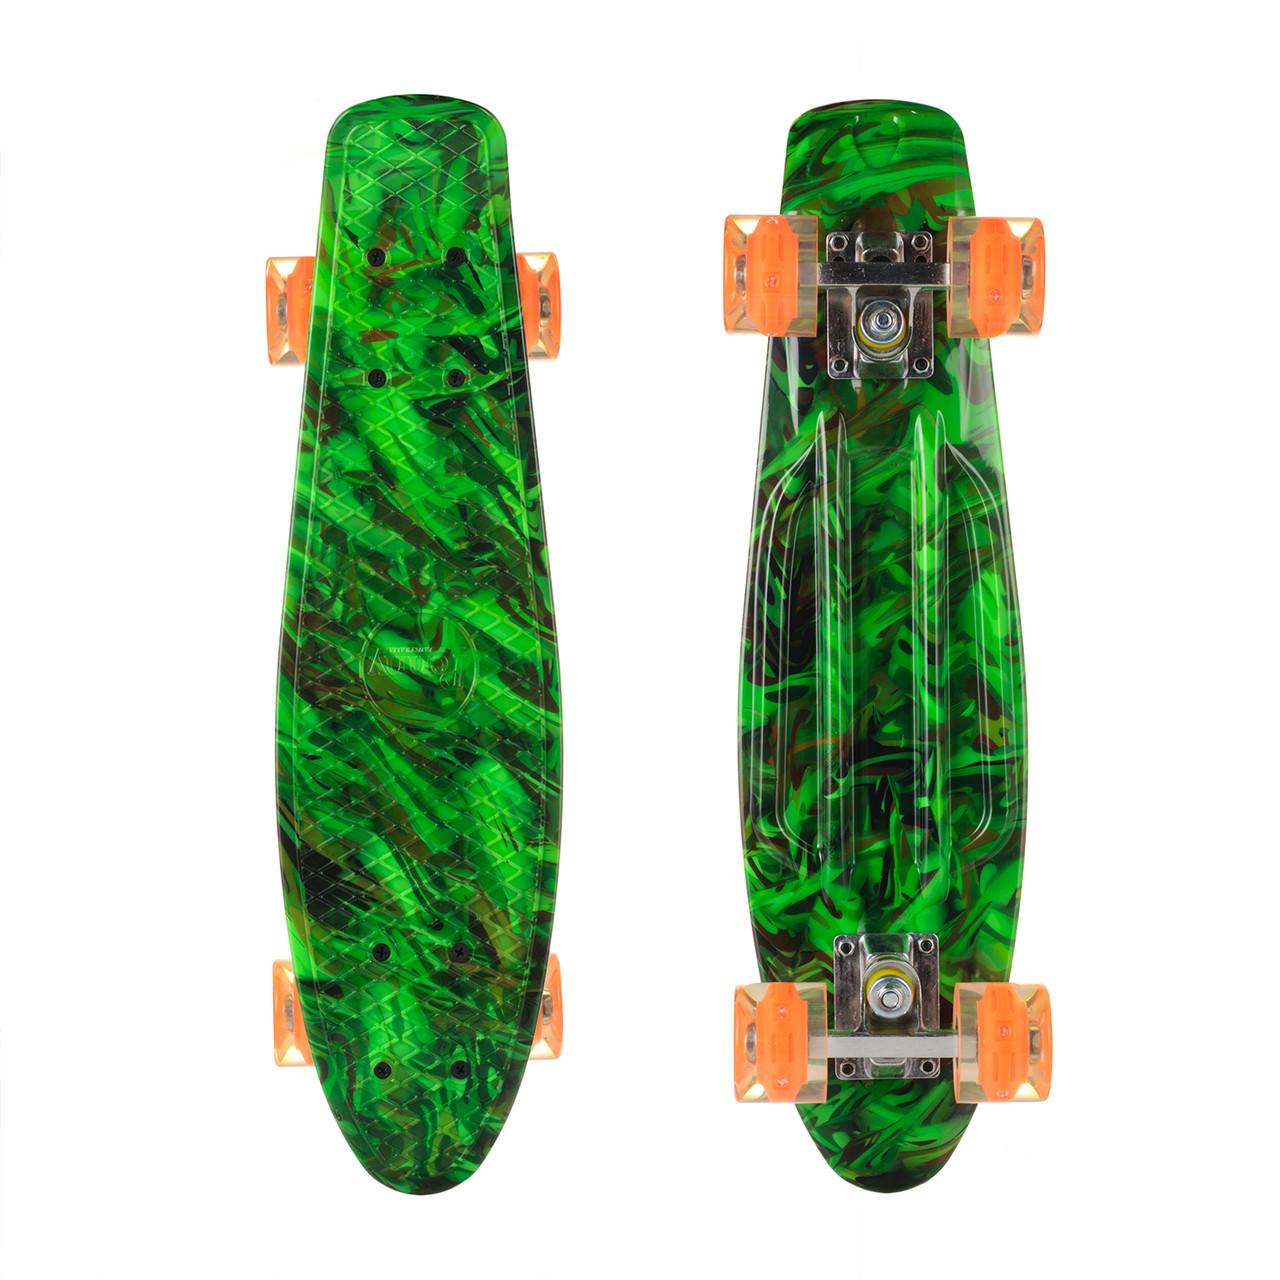 Пенні Борд Best Board 25, двосторонній забарвлення, колеса PU світяться Зелений